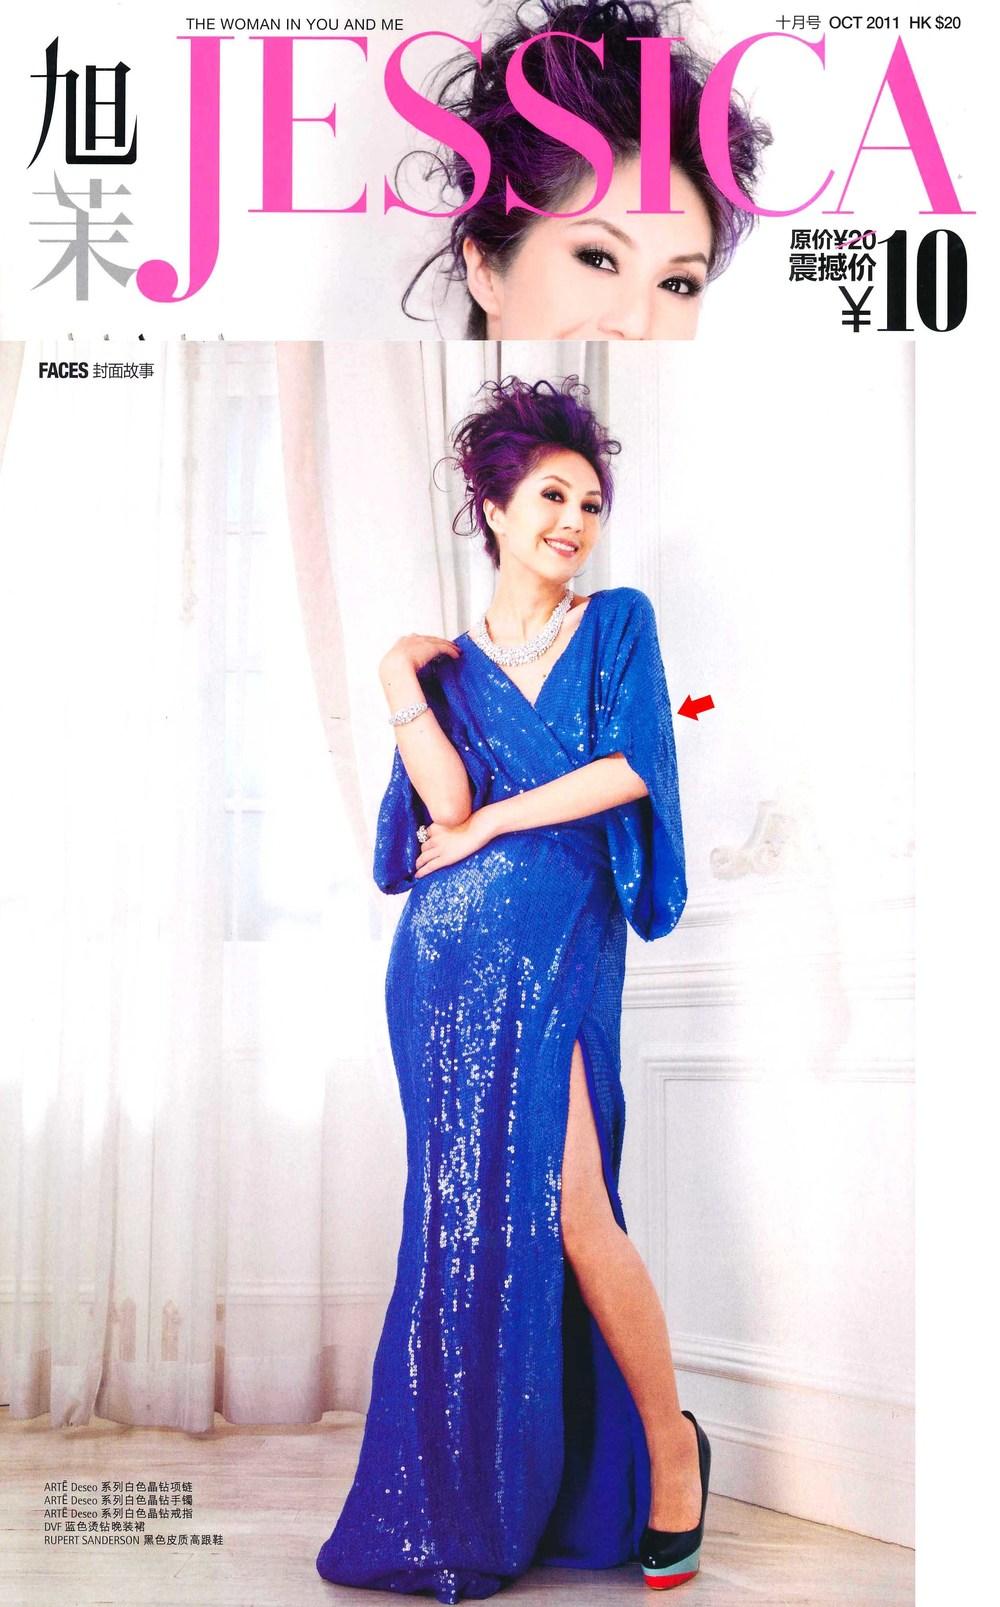 Miriam Yeung 01.jpg